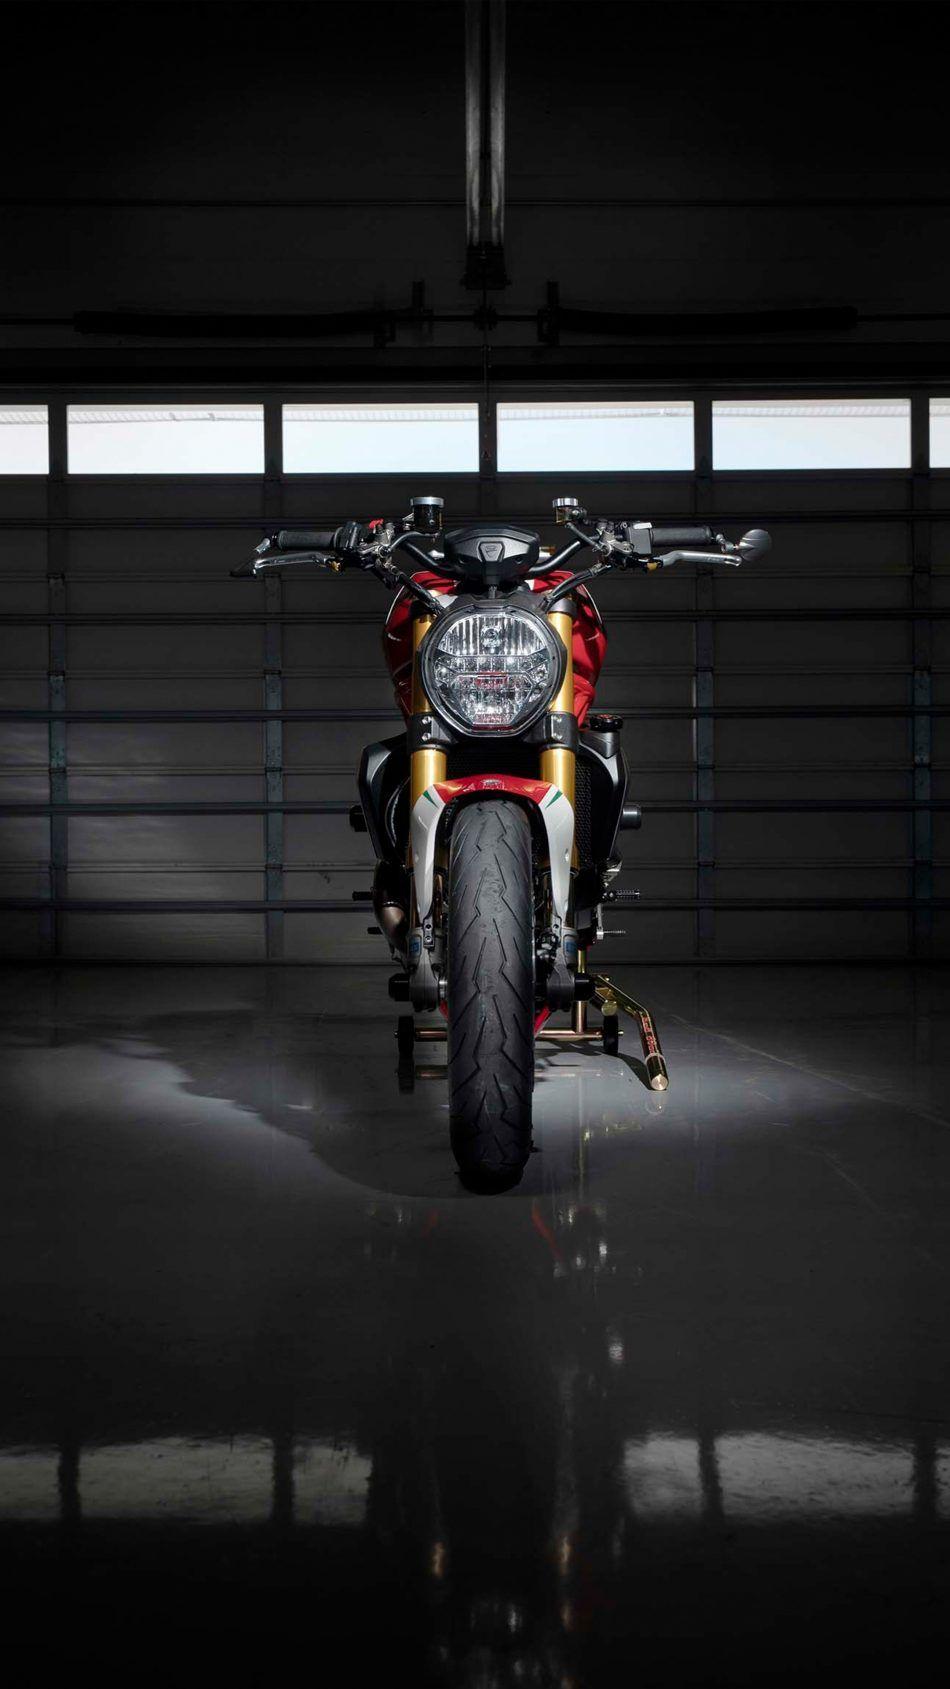 Ducati Monster Tricolore 2019 4k Ultra Hd Mobile Wallpaper Ducati Monster Ducati Monster 1200 Monster 1200